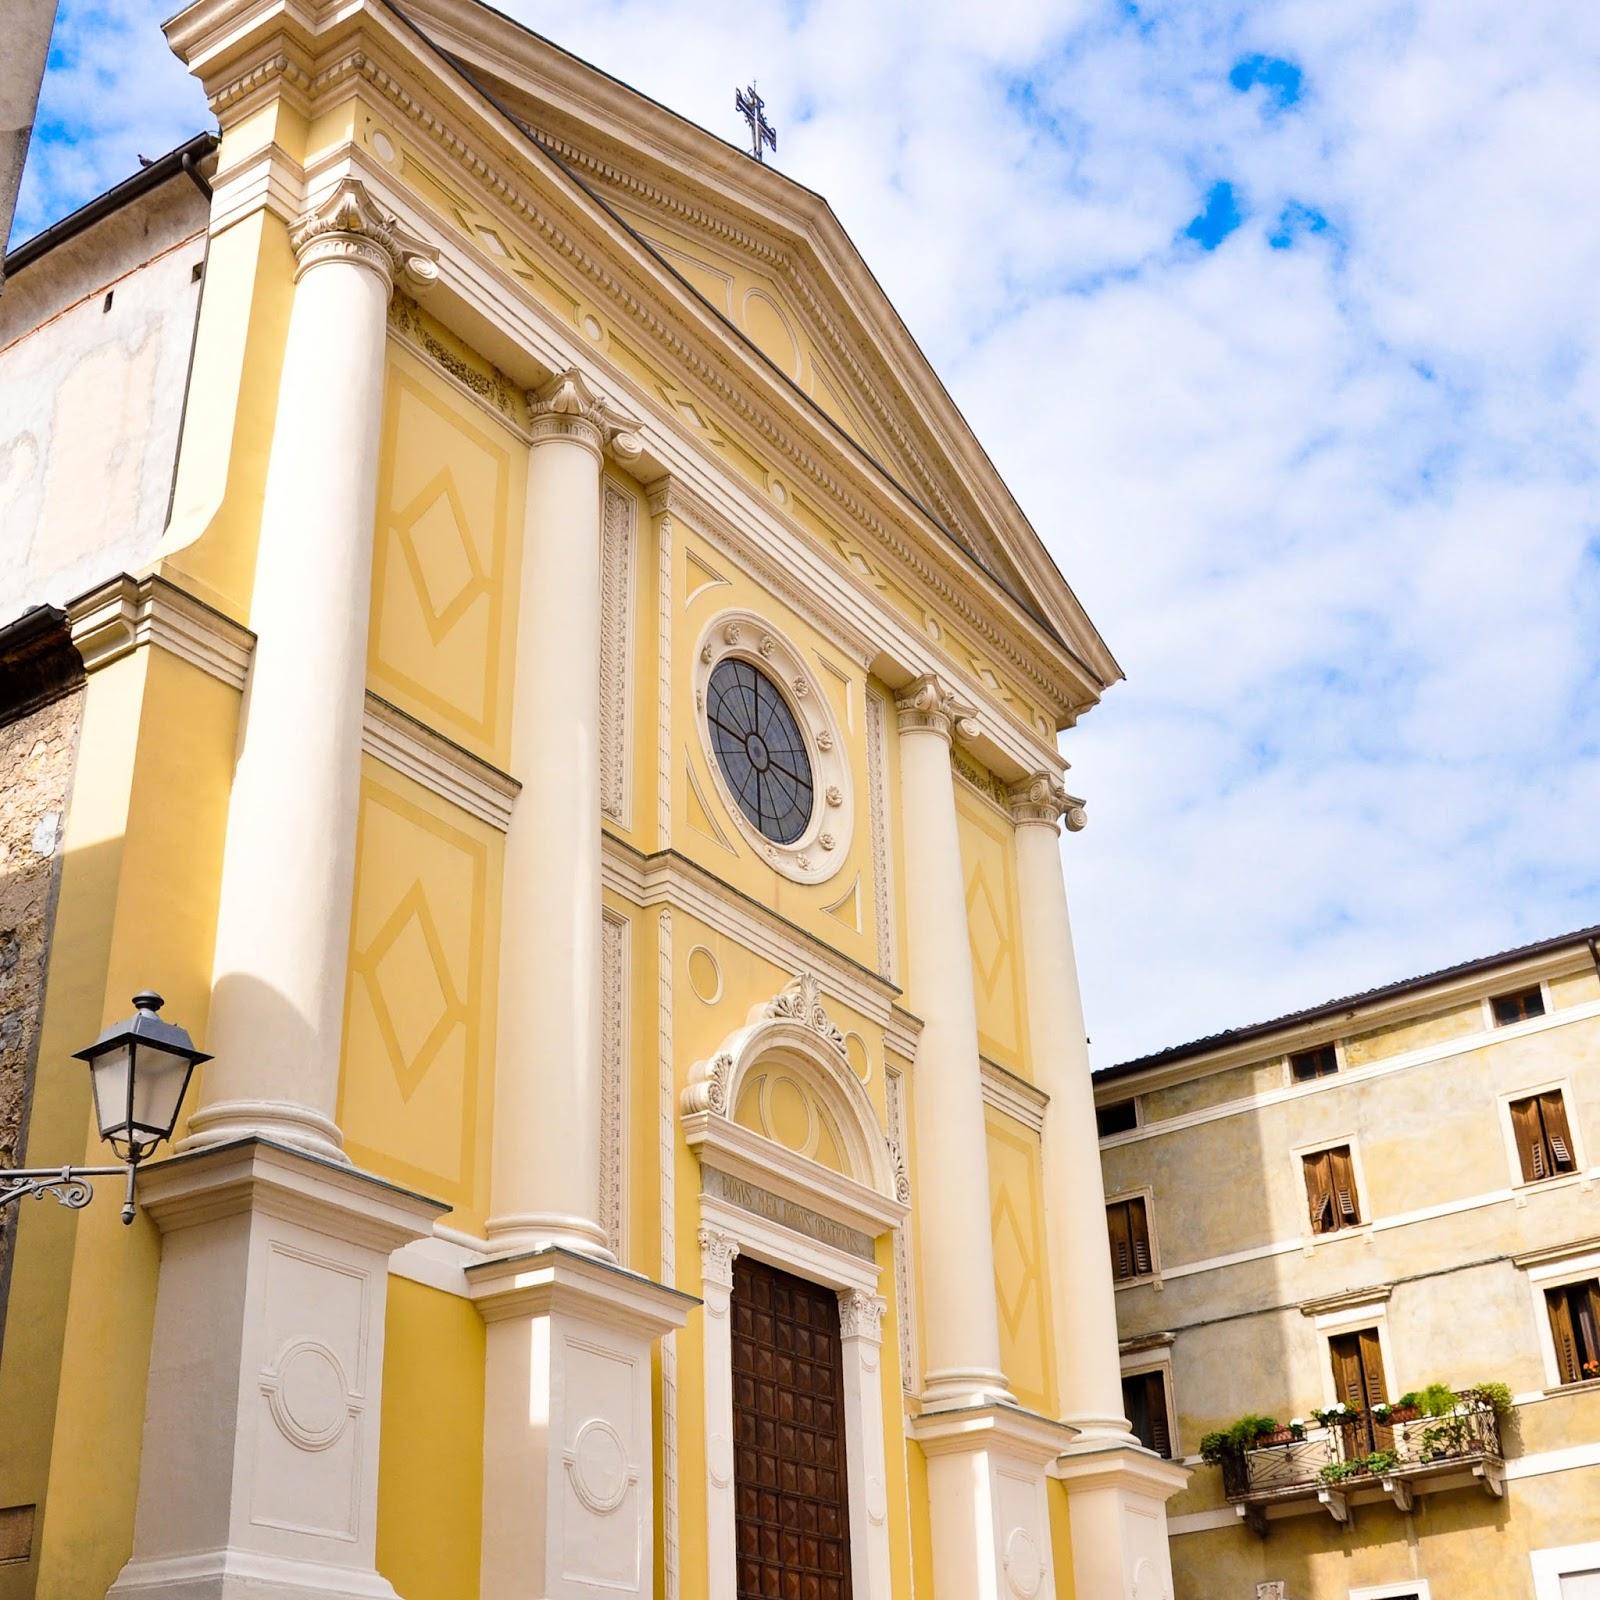 A church facade, Soave, Veneto, Italy